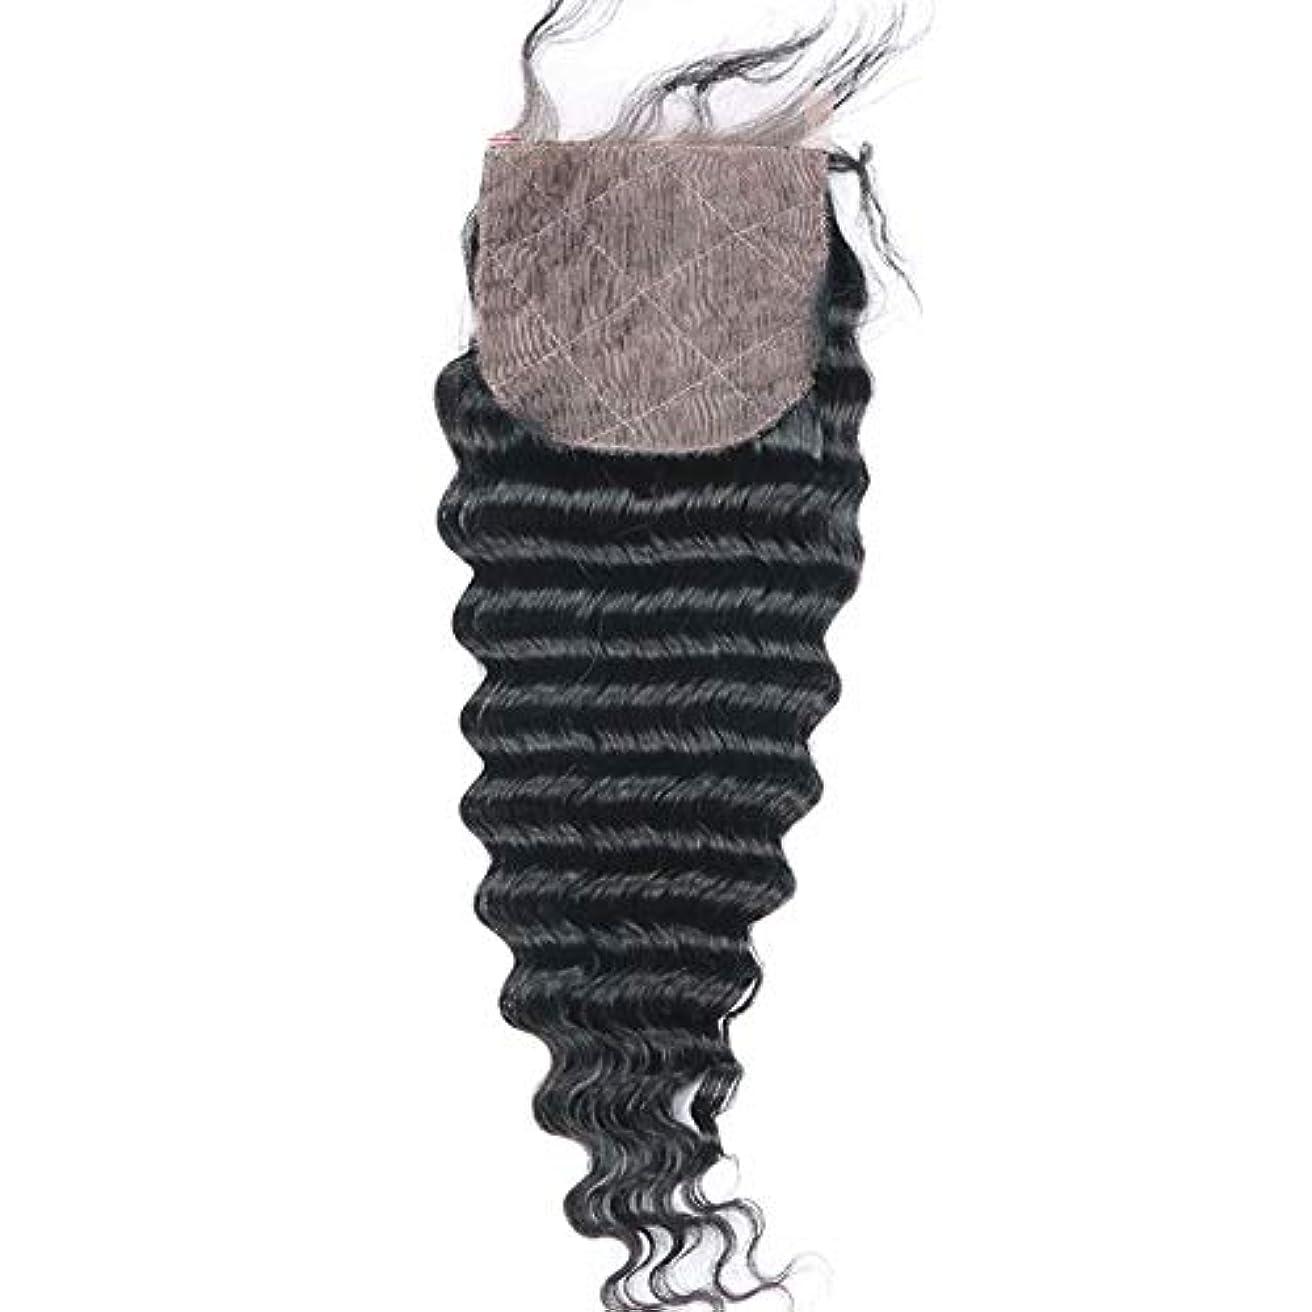 タイピスト受粉者知恵WASAIO ヘアエクステンションブラジルバンドル免除する部分とディープウェーブレースフロンタル閉鎖が100%人織りナチュラルカラー4「×4」 (色 : 黒, サイズ : 16 inch)